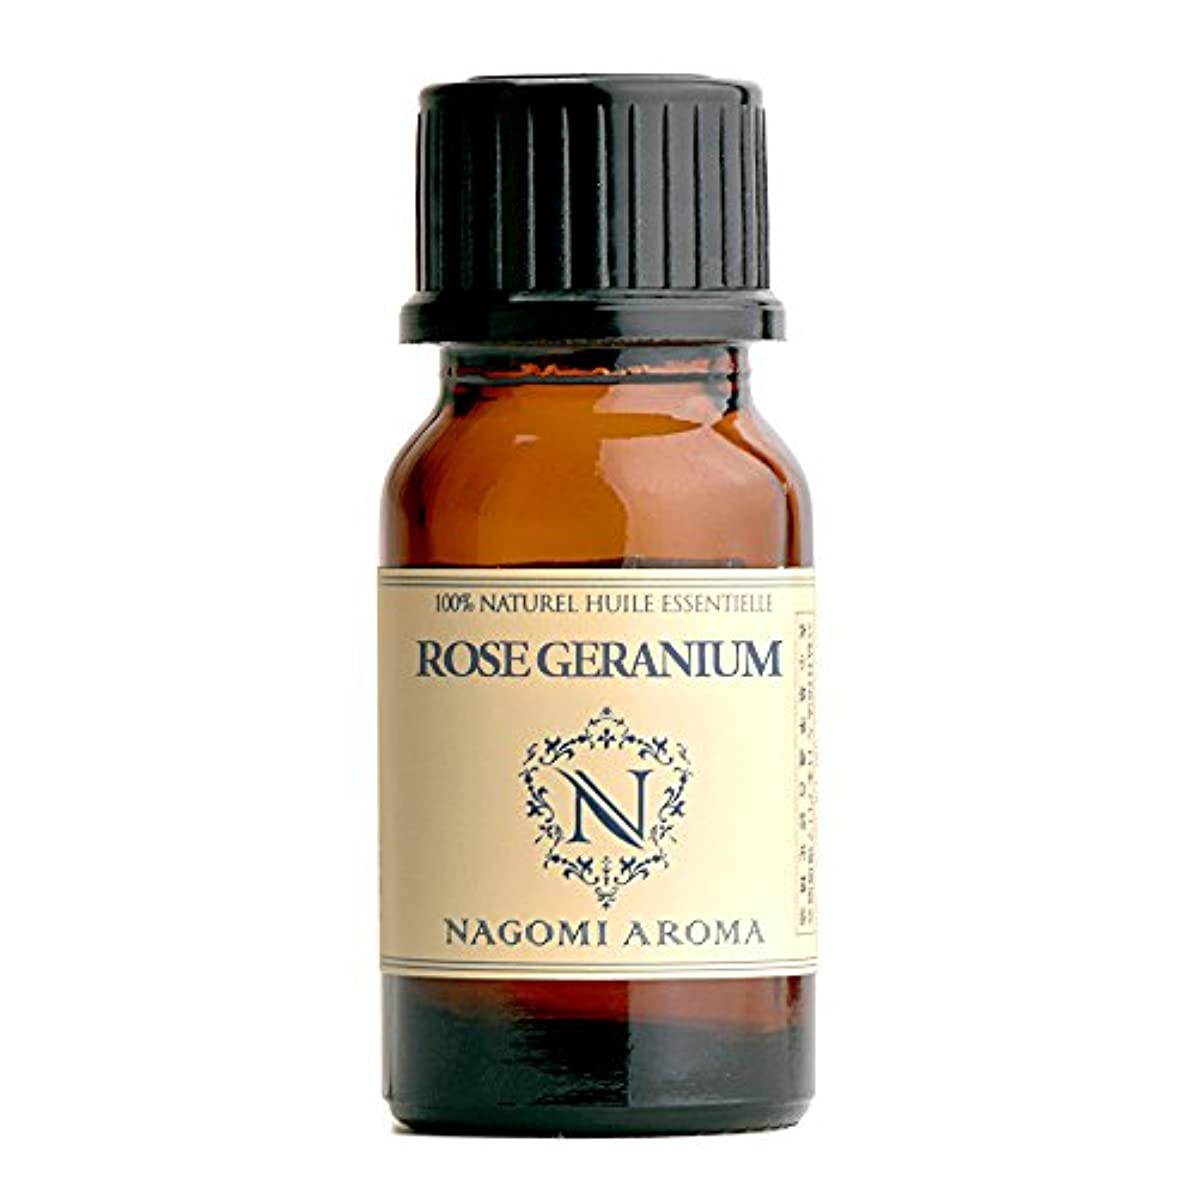 地中海骨卑しいNAGOMI AROMA ローズゼラニウム 10ml 【AEAJ認定精油】【アロマオイル】